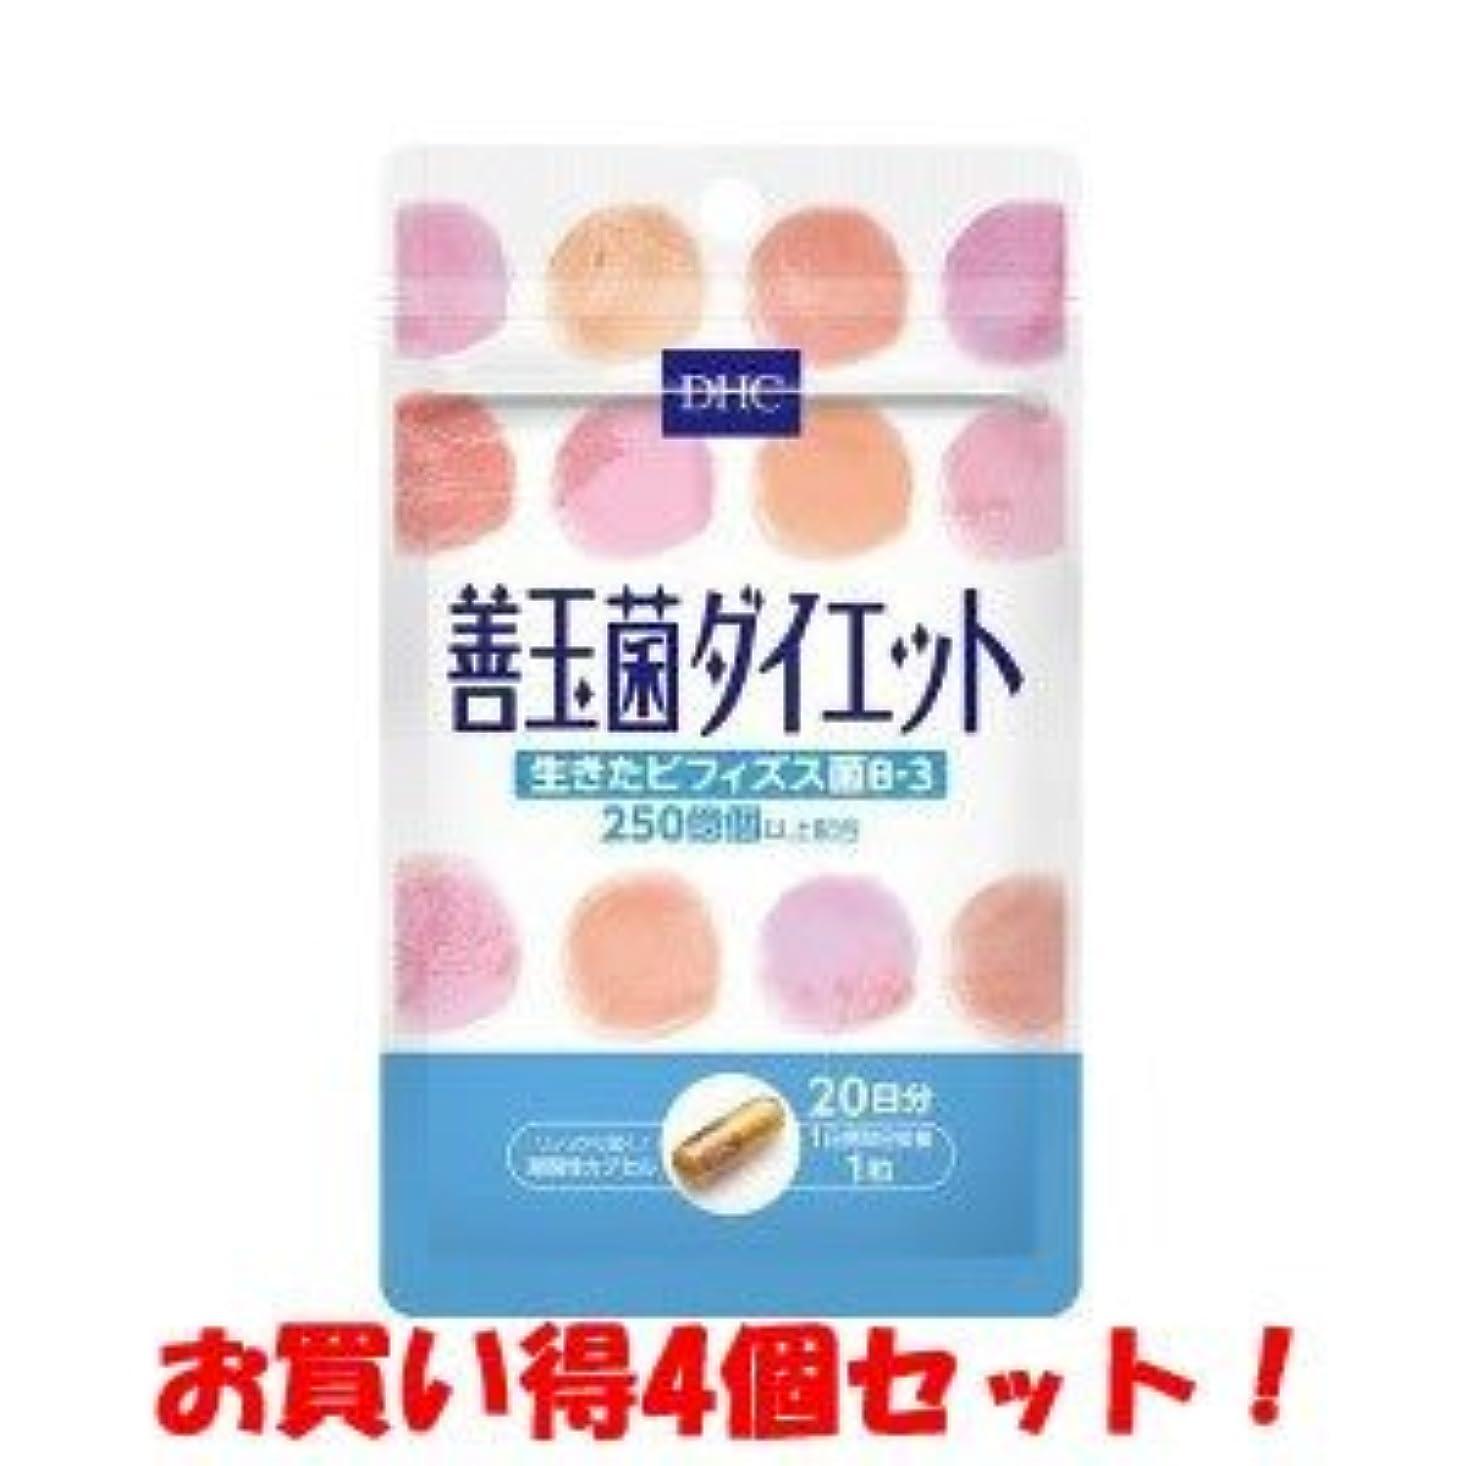 サラダペチュランス発見するDHC 20日善玉菌ダイエット 6.9g/新商品/(お買い得4個セット)